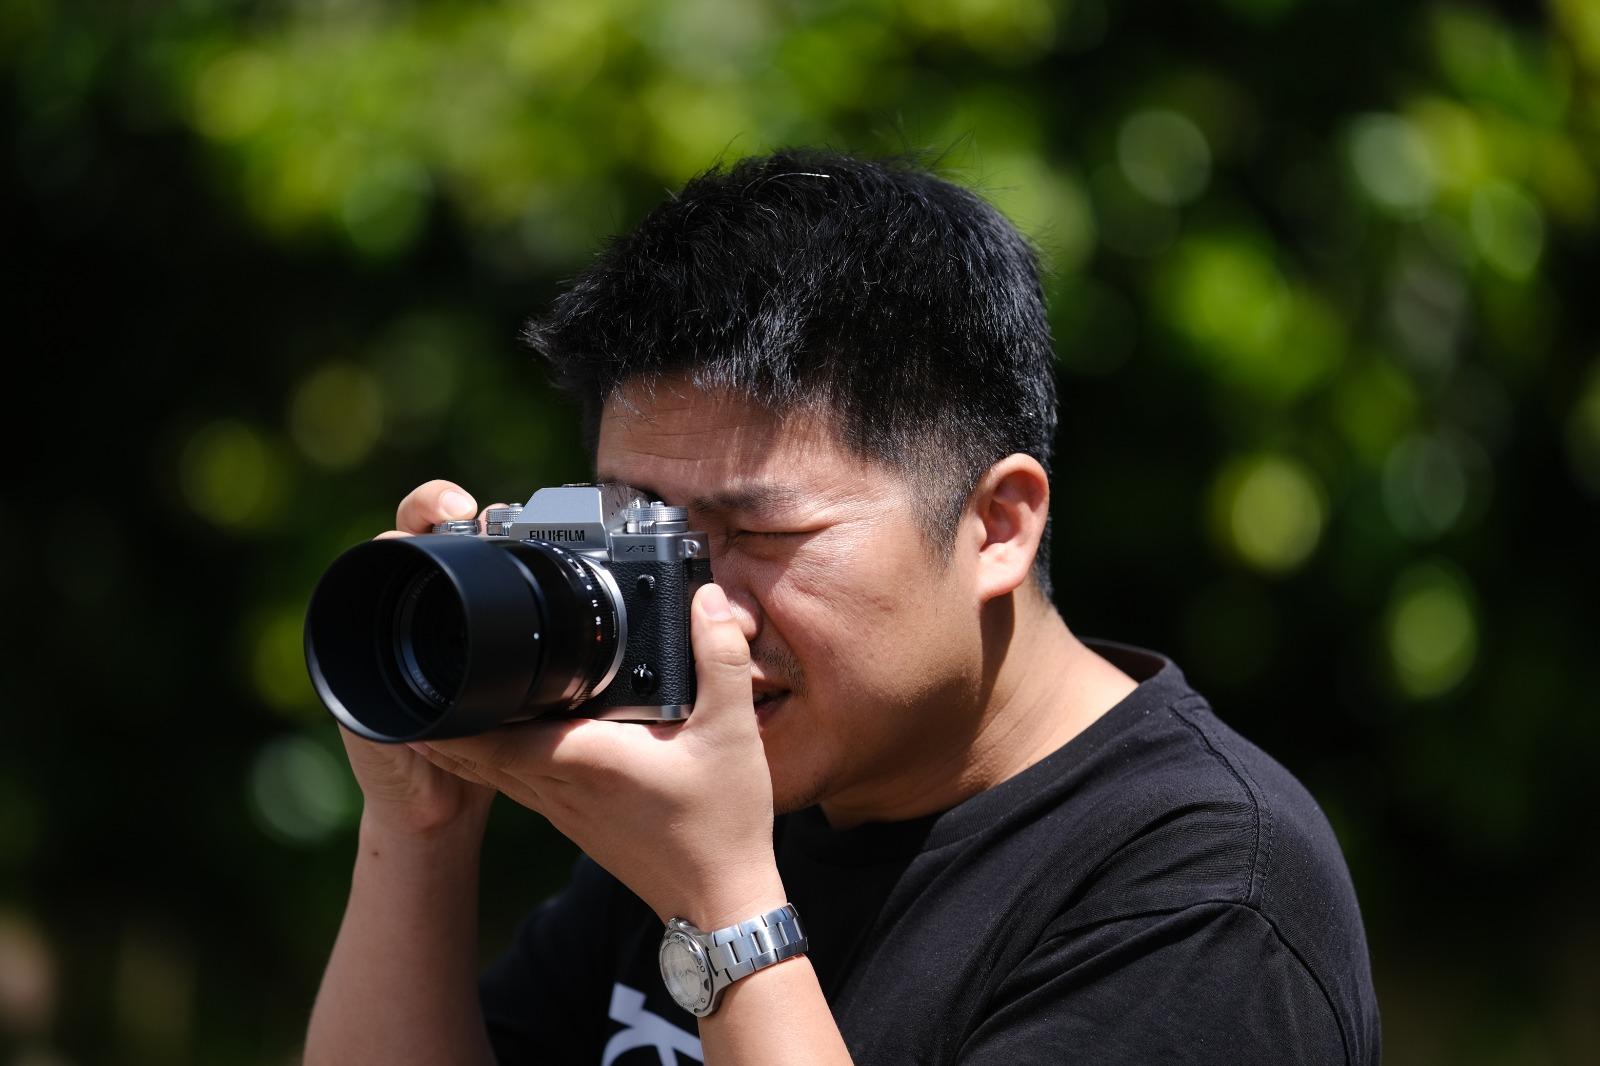 Fujfilm XF 200mm f/2 R LM OIS WR Lens